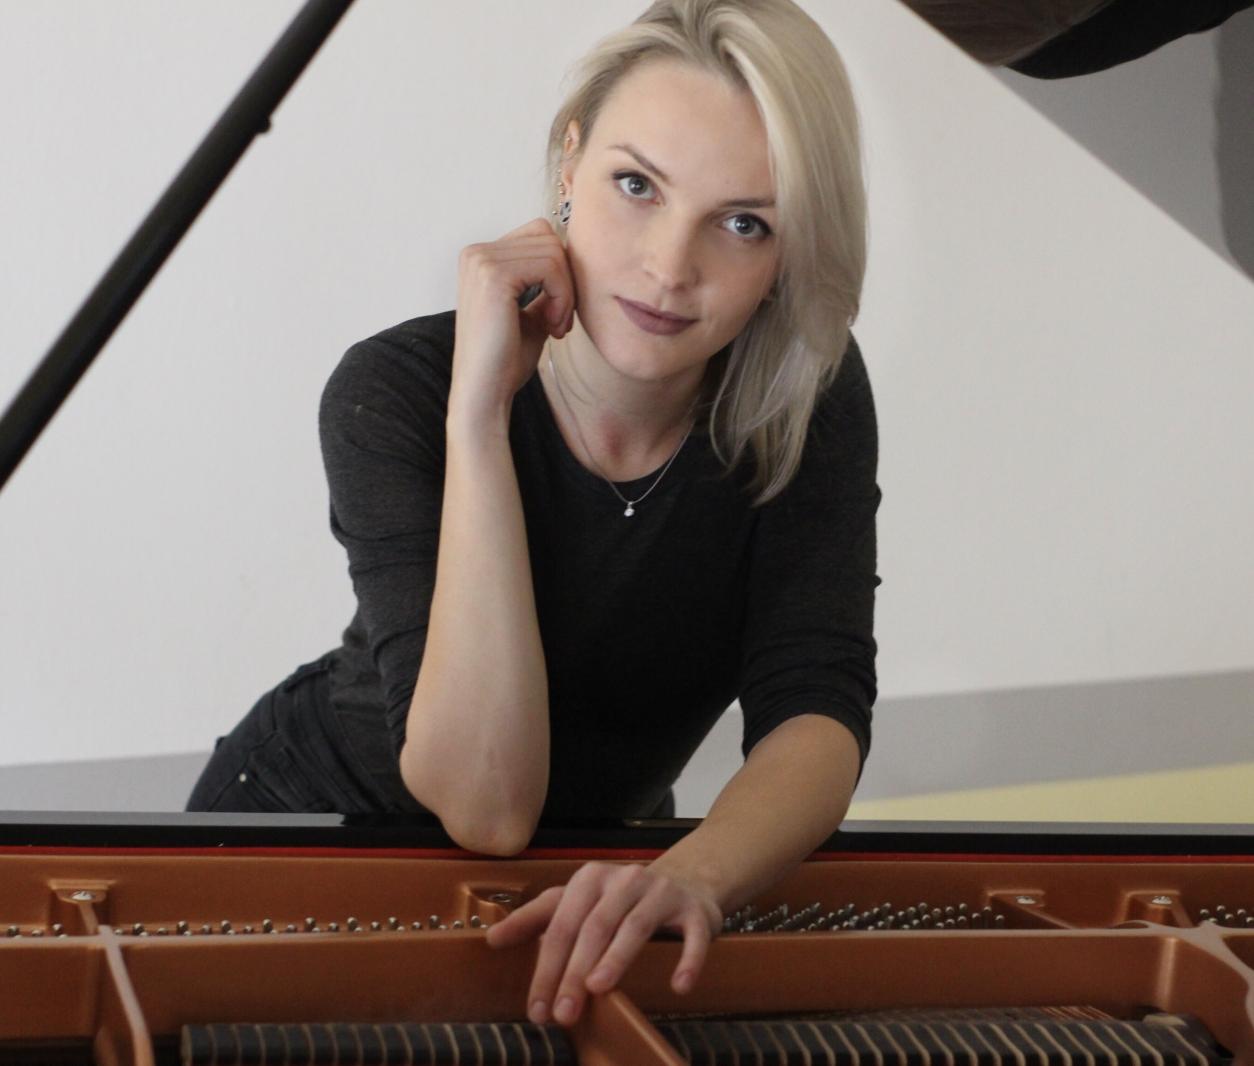 Daria Yuryeva